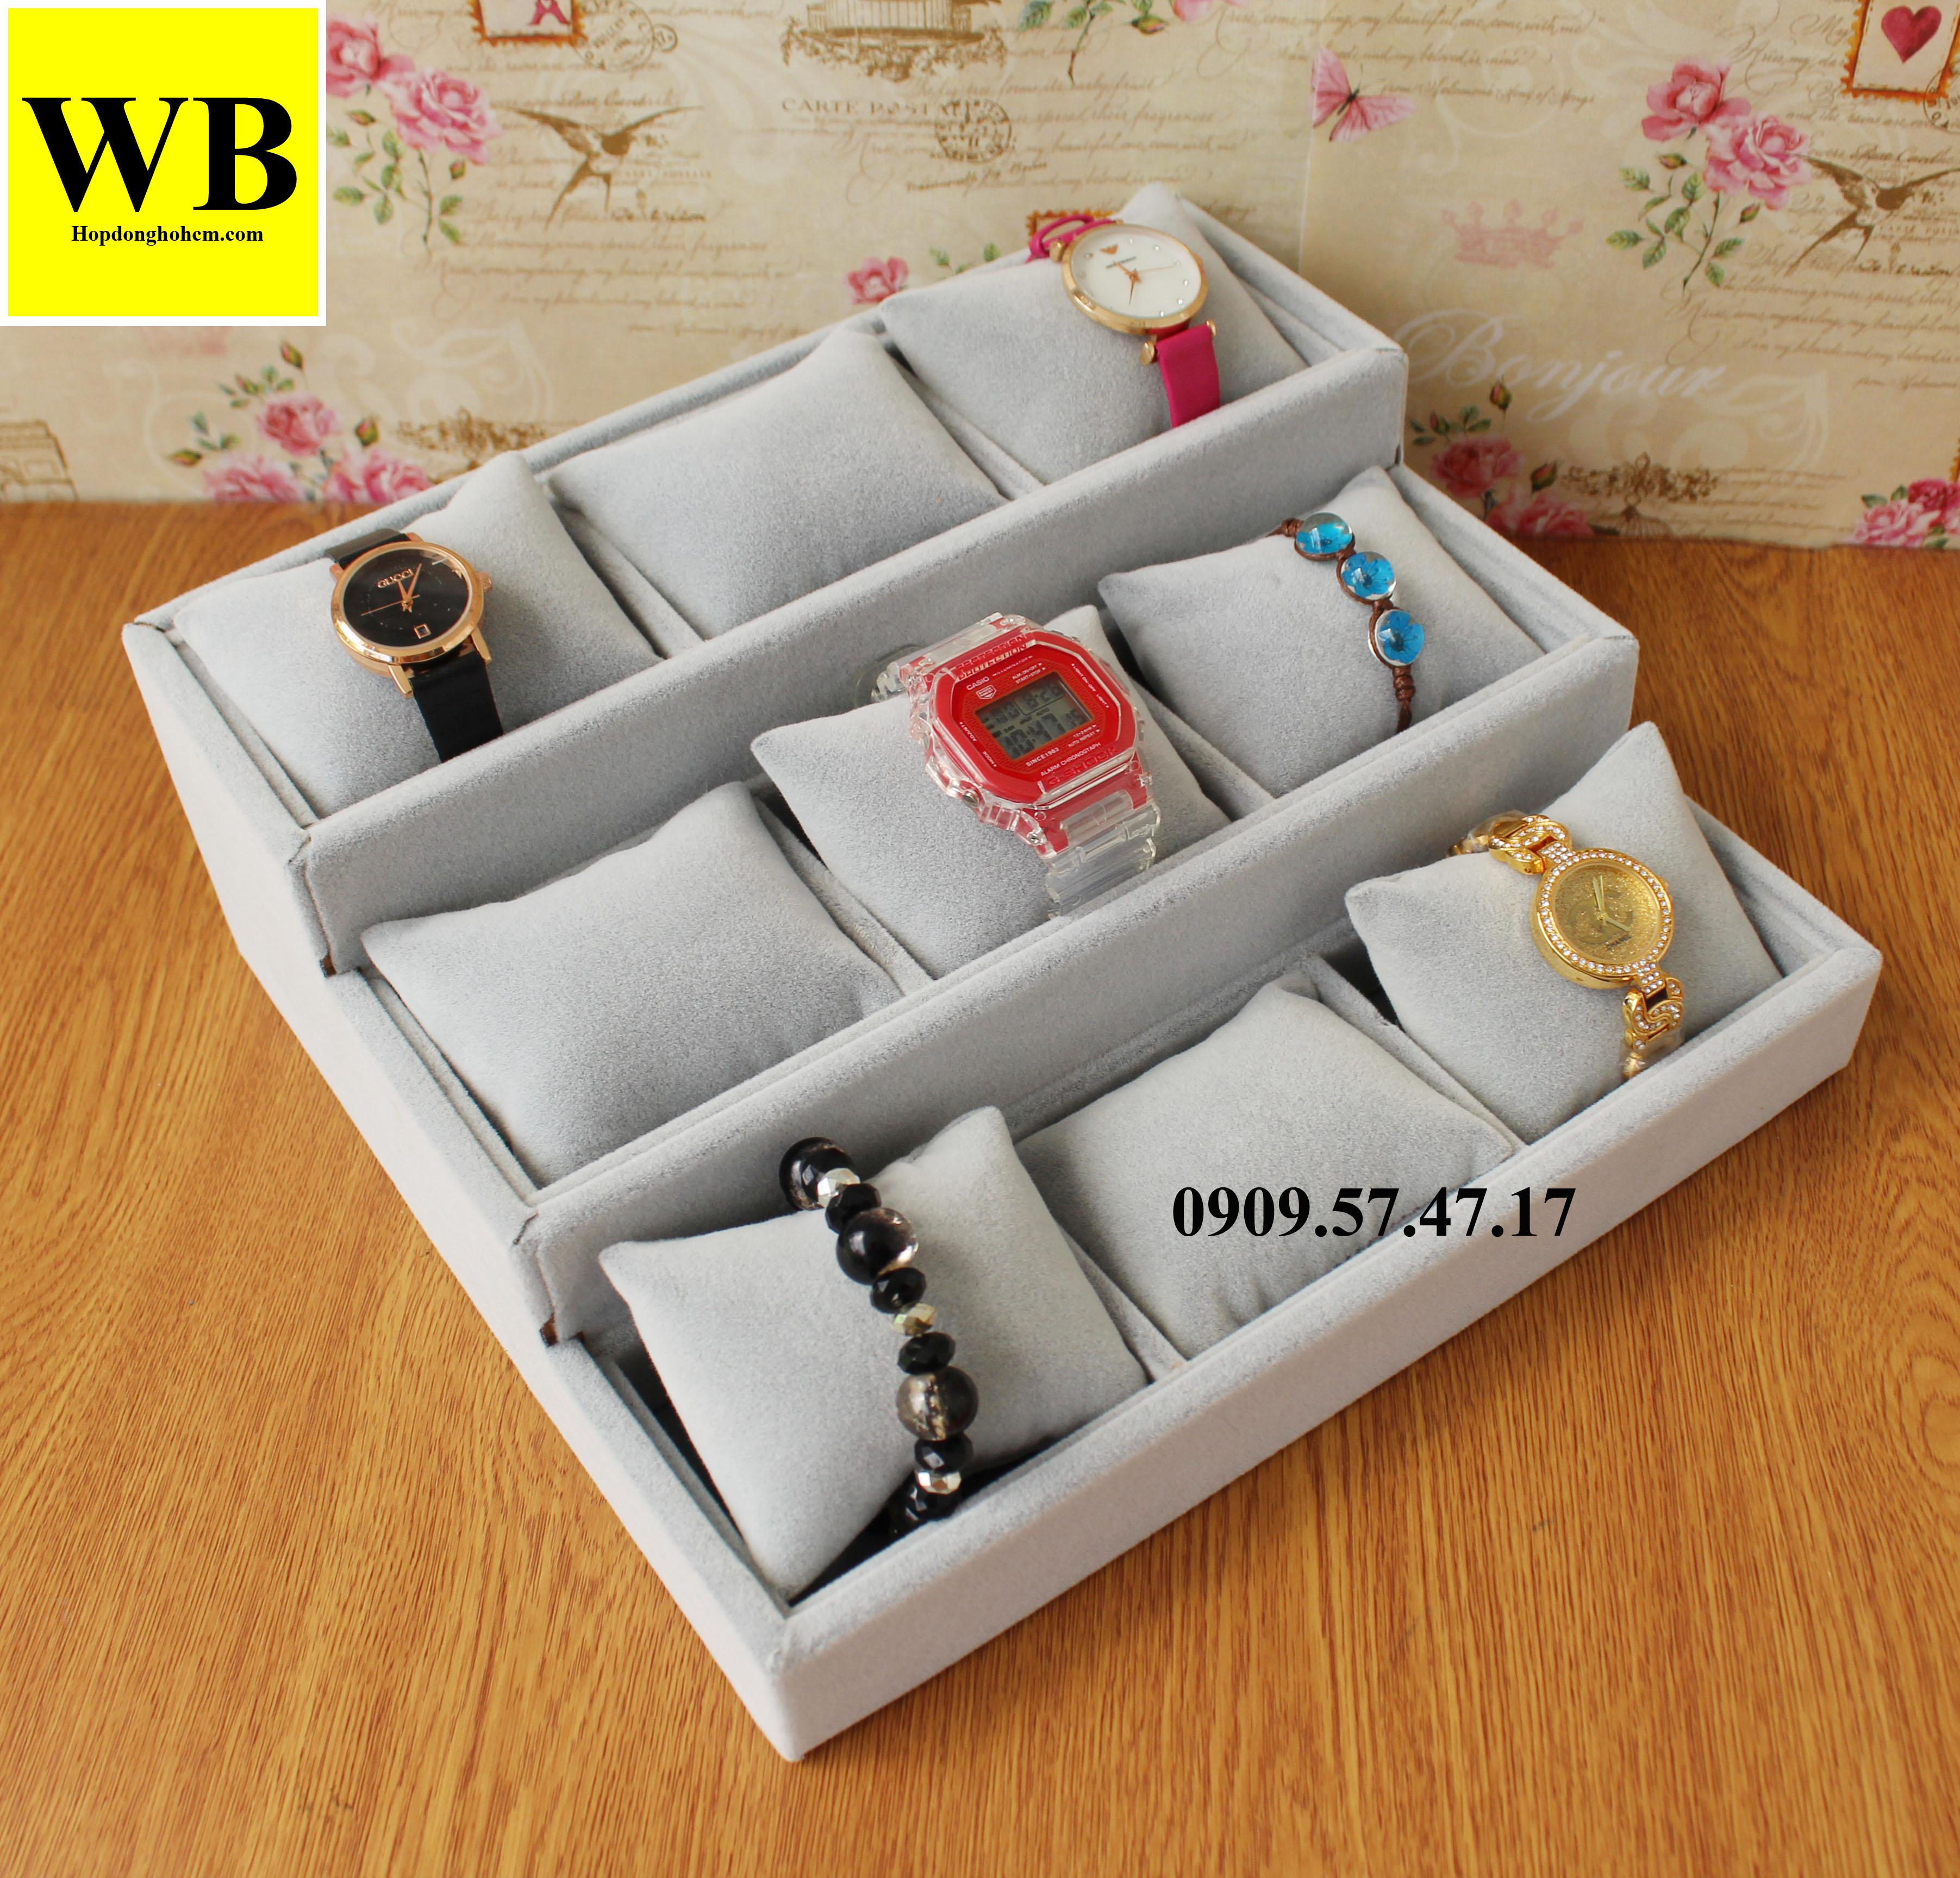 bán khay đựng trưng bày đồng hồ ở hcm